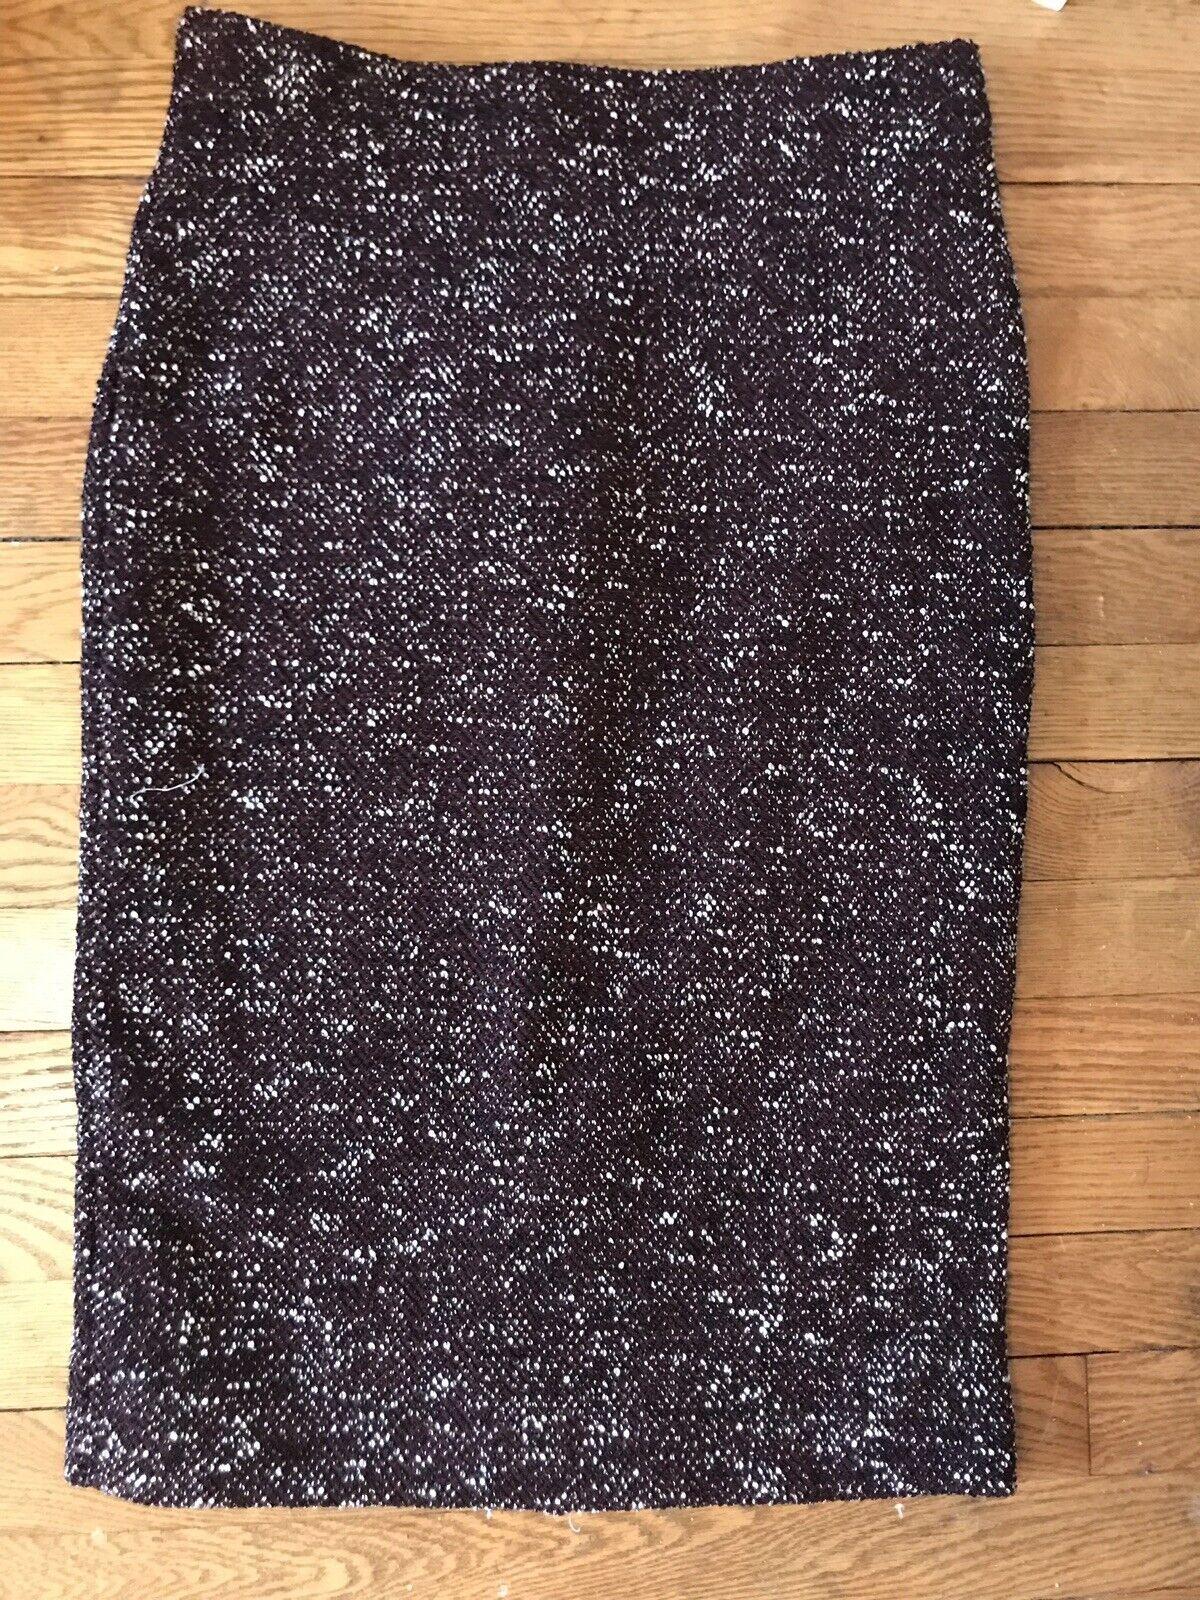 Ann Taylor Melange Knit Burgundy Career Skirt Women's Size 6  138.00